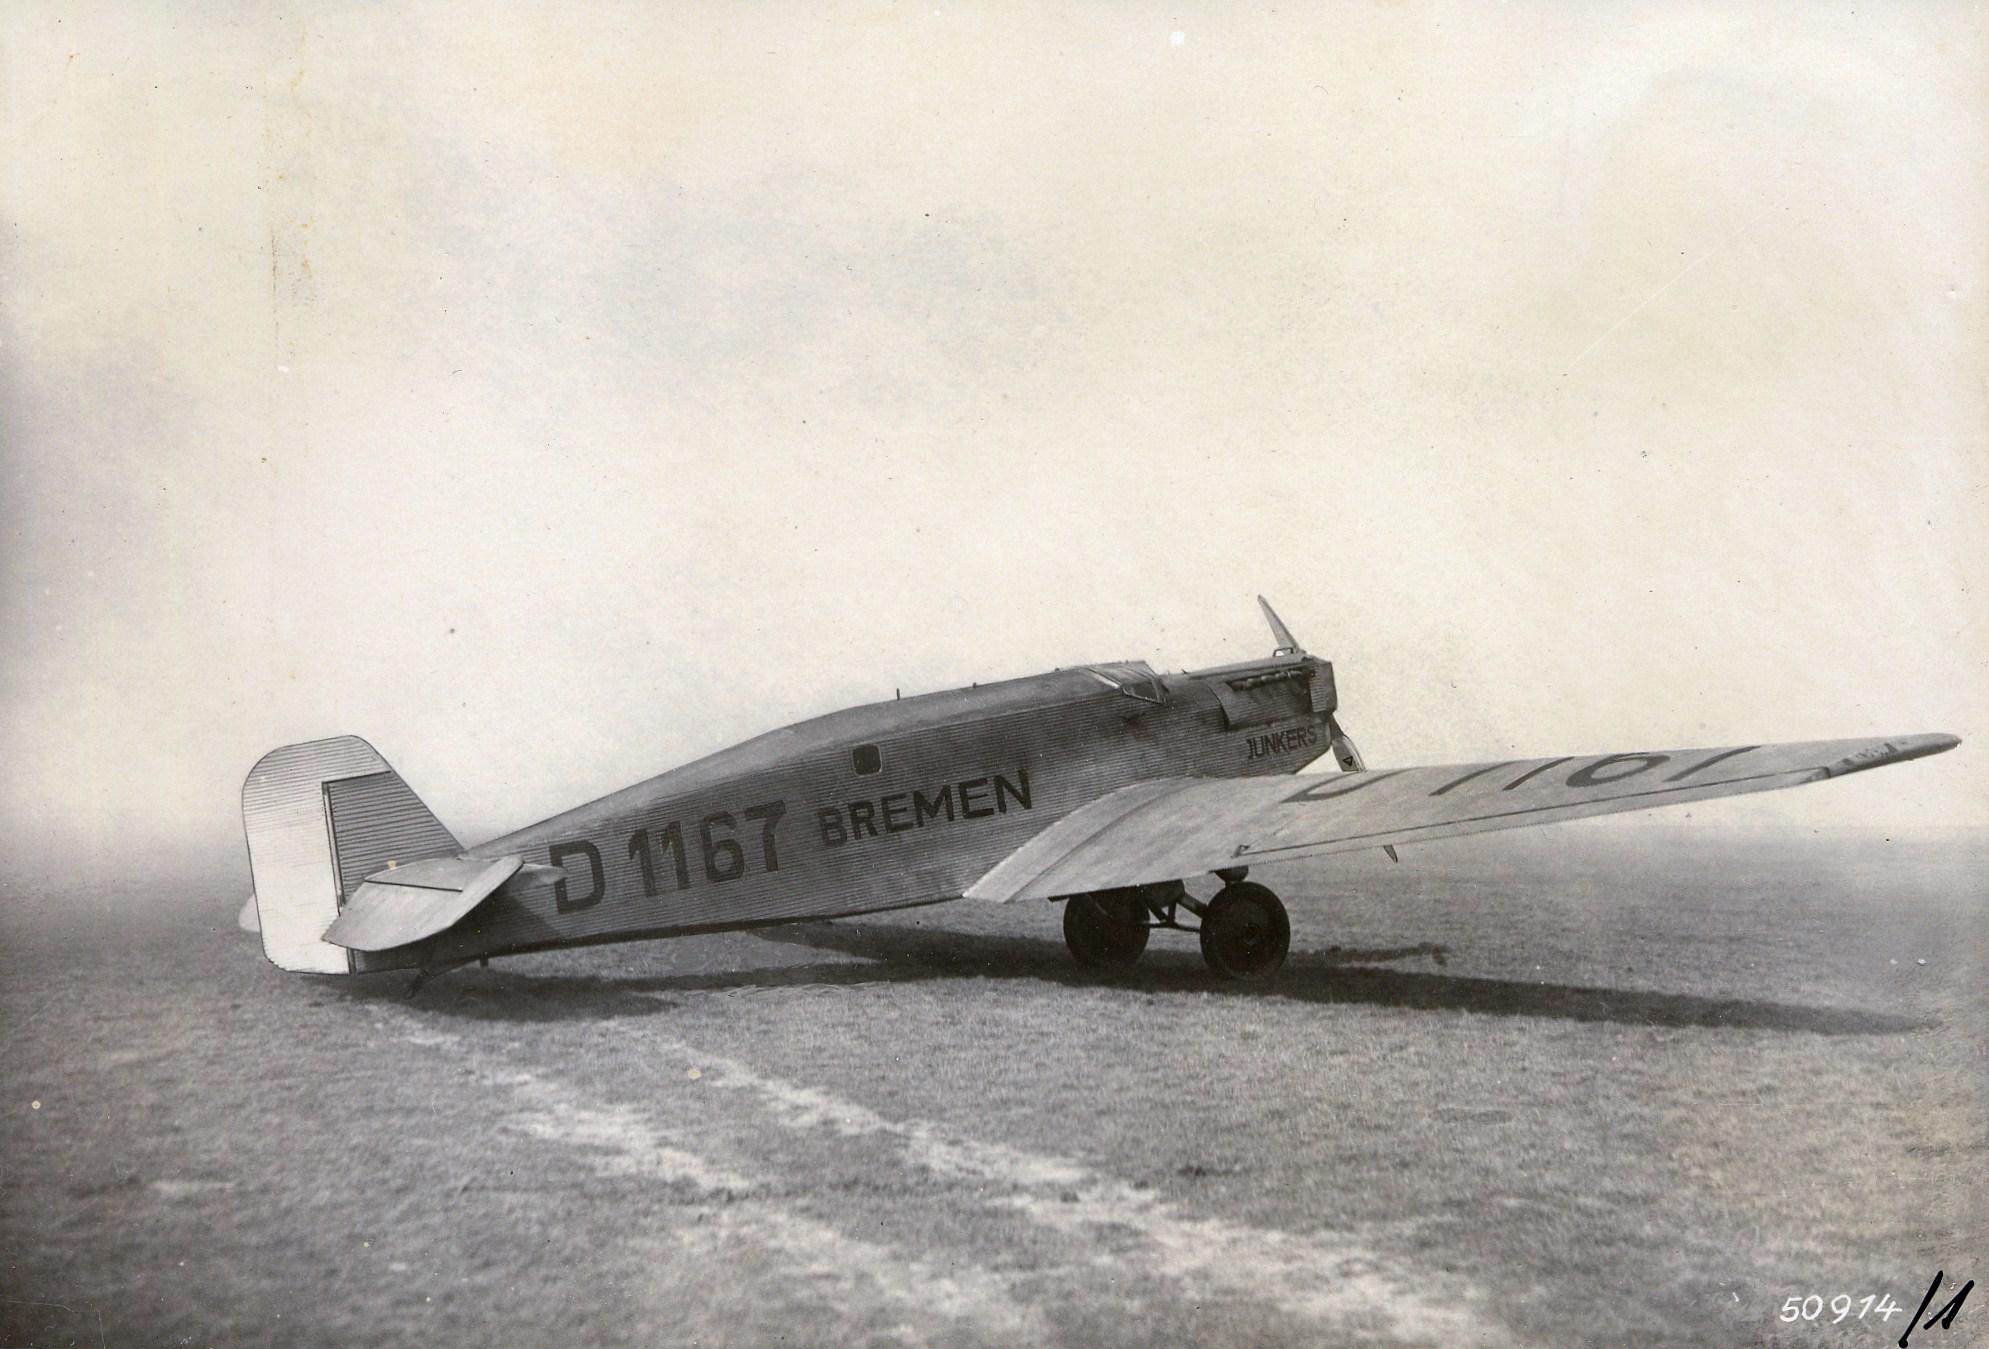 Erste Atlantiküberquerung der Luftfahrtgeschichte